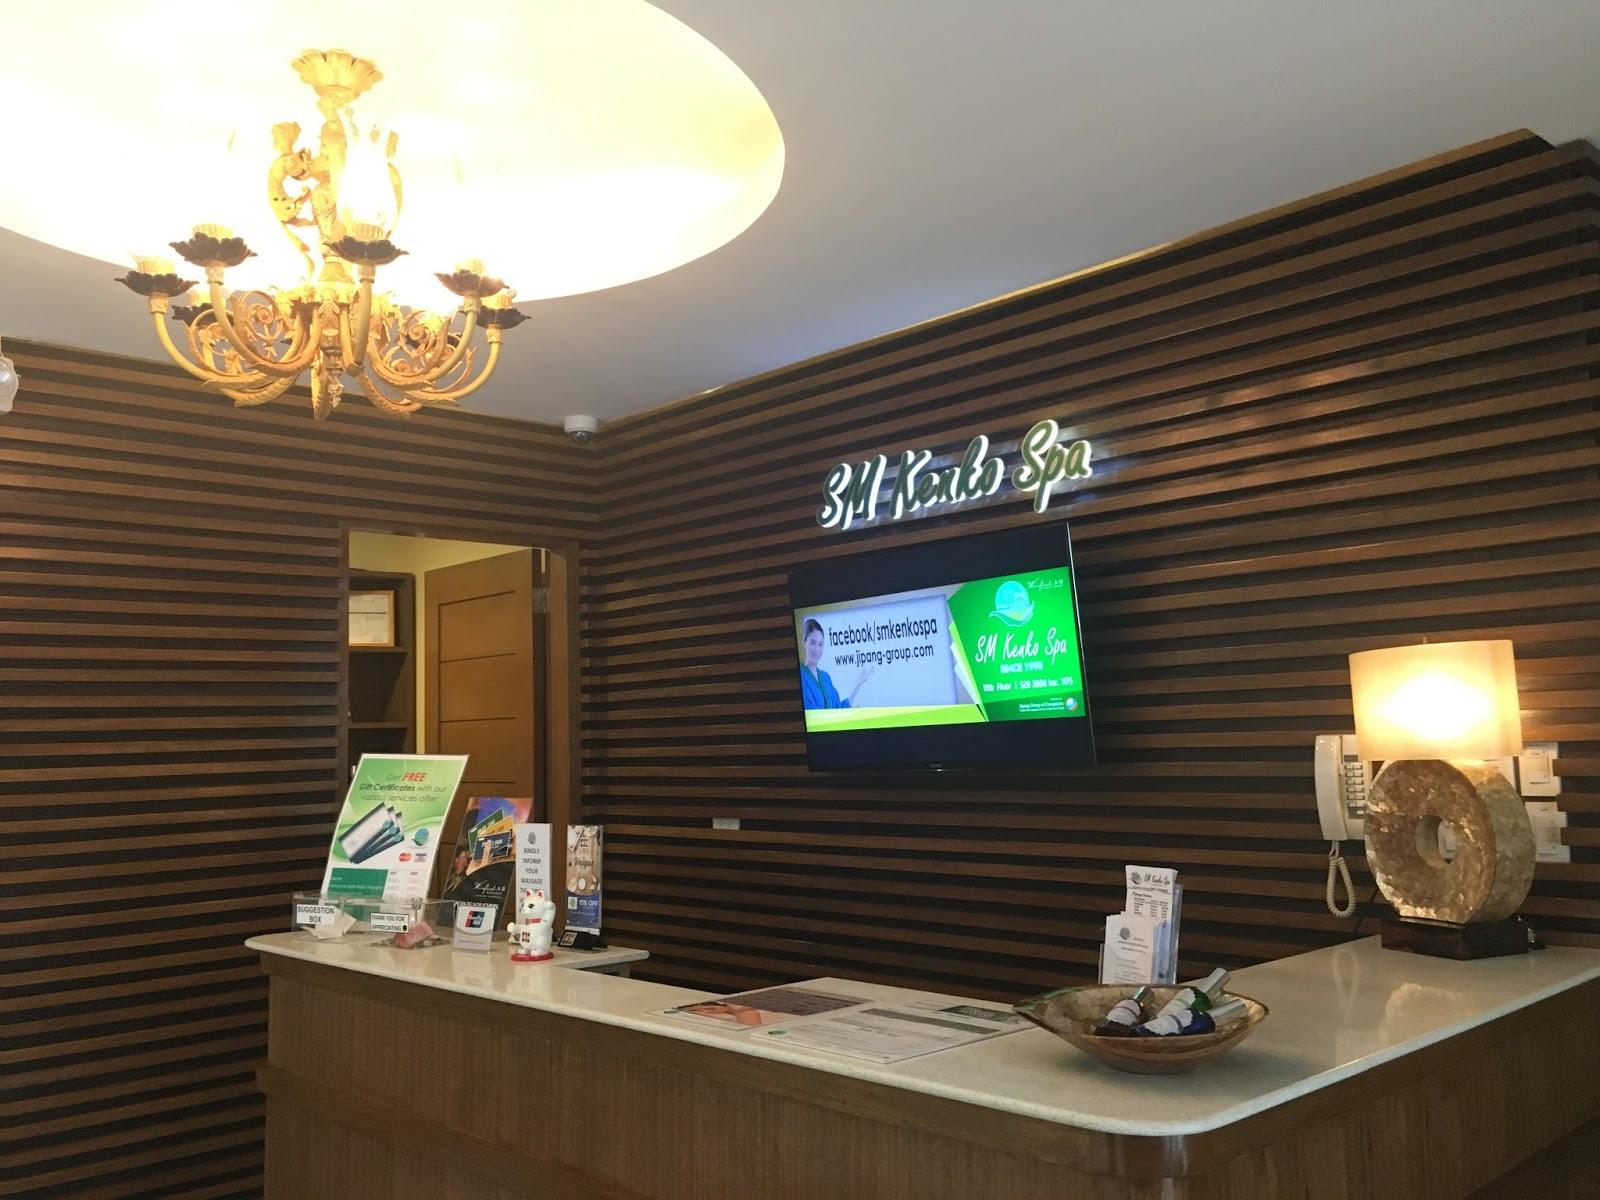 SM KENKO SPA IN WINFORD HOTEL MANILA